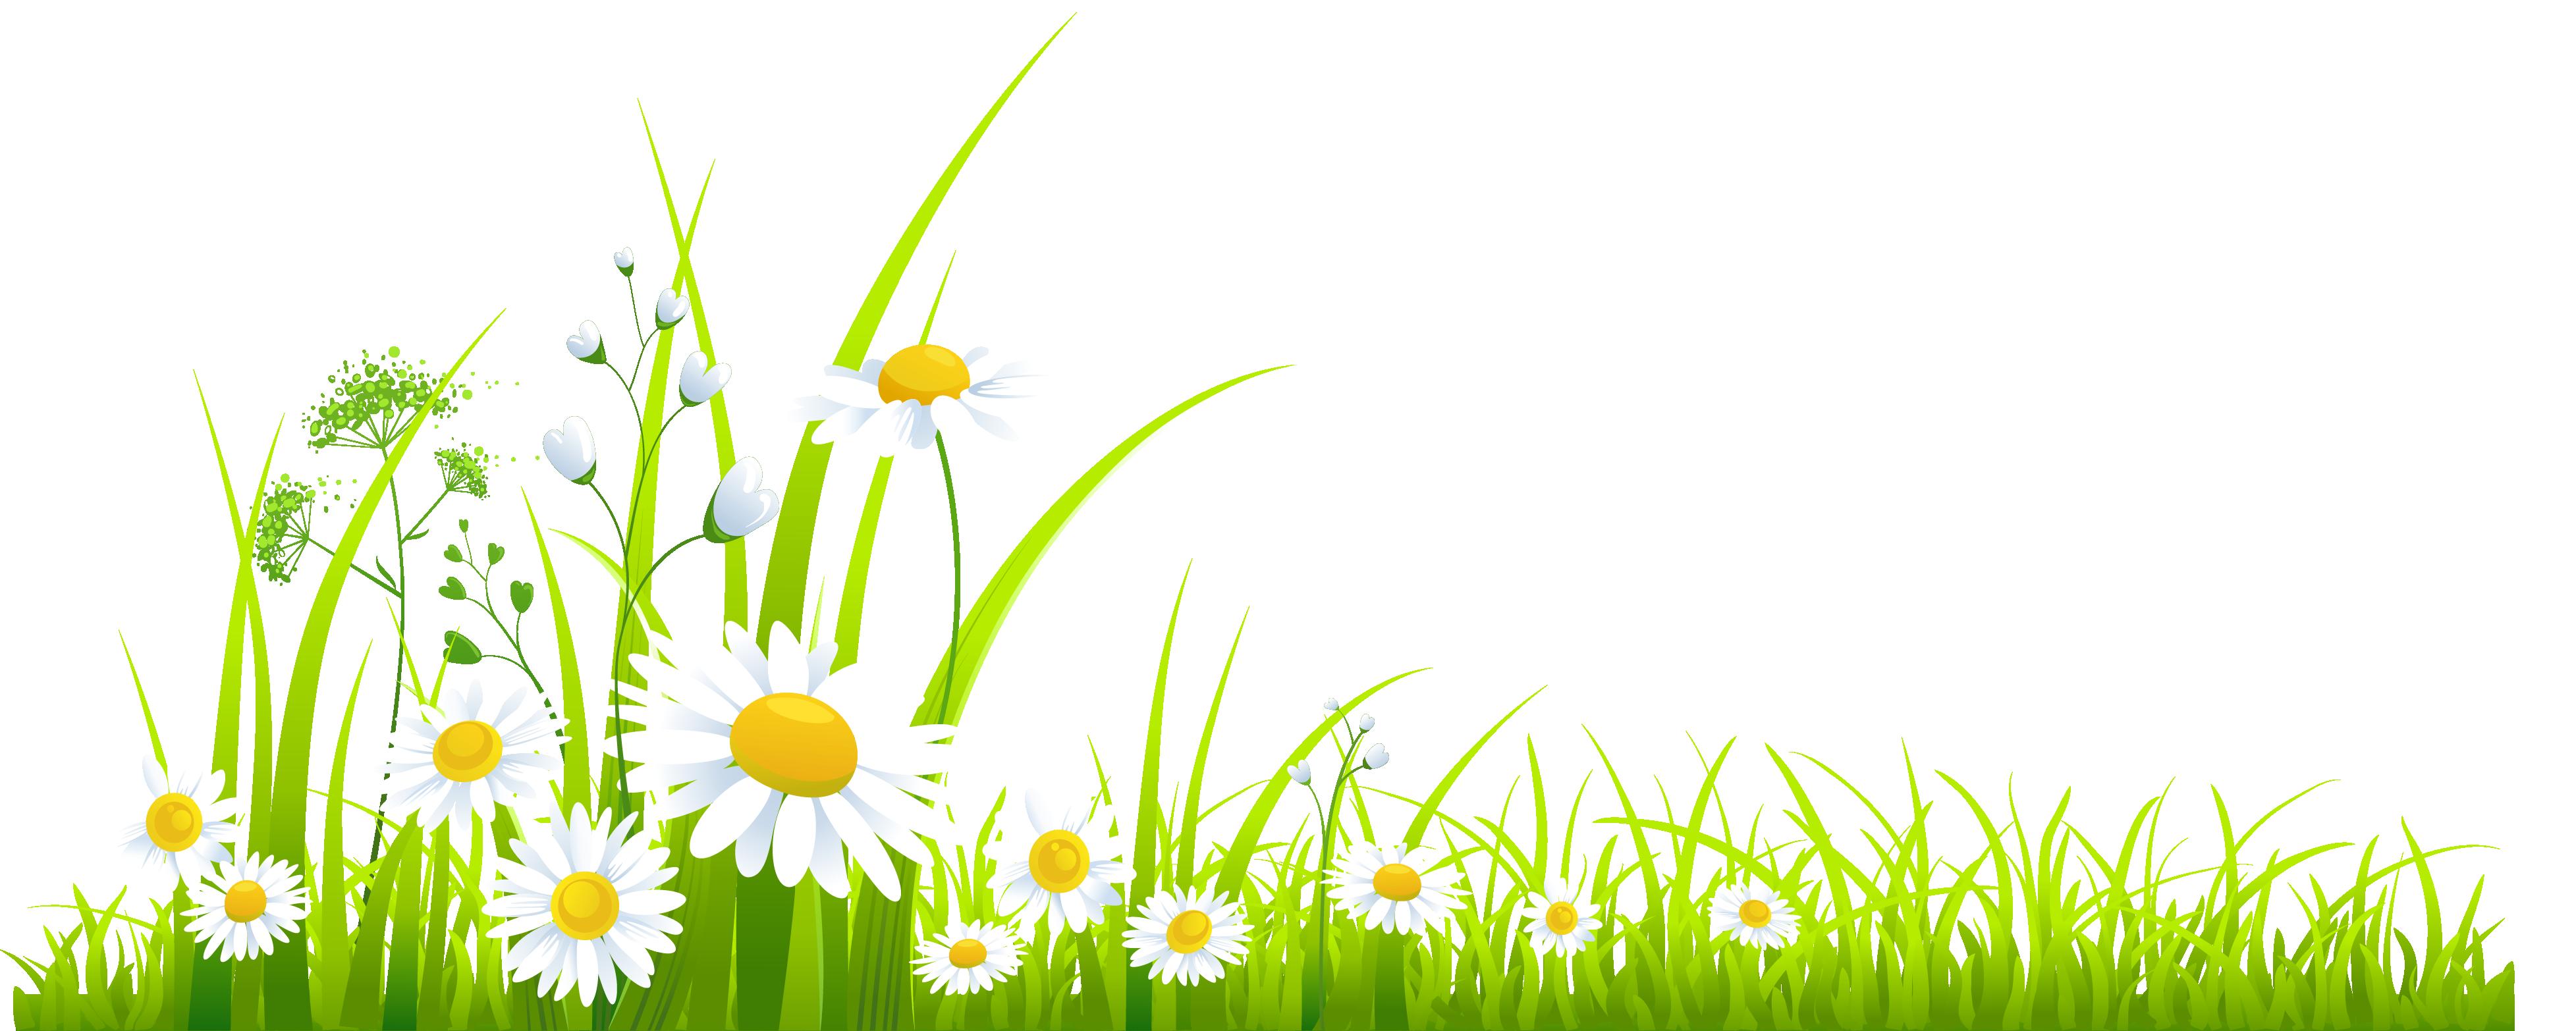 medium resolution of spring grass clipart